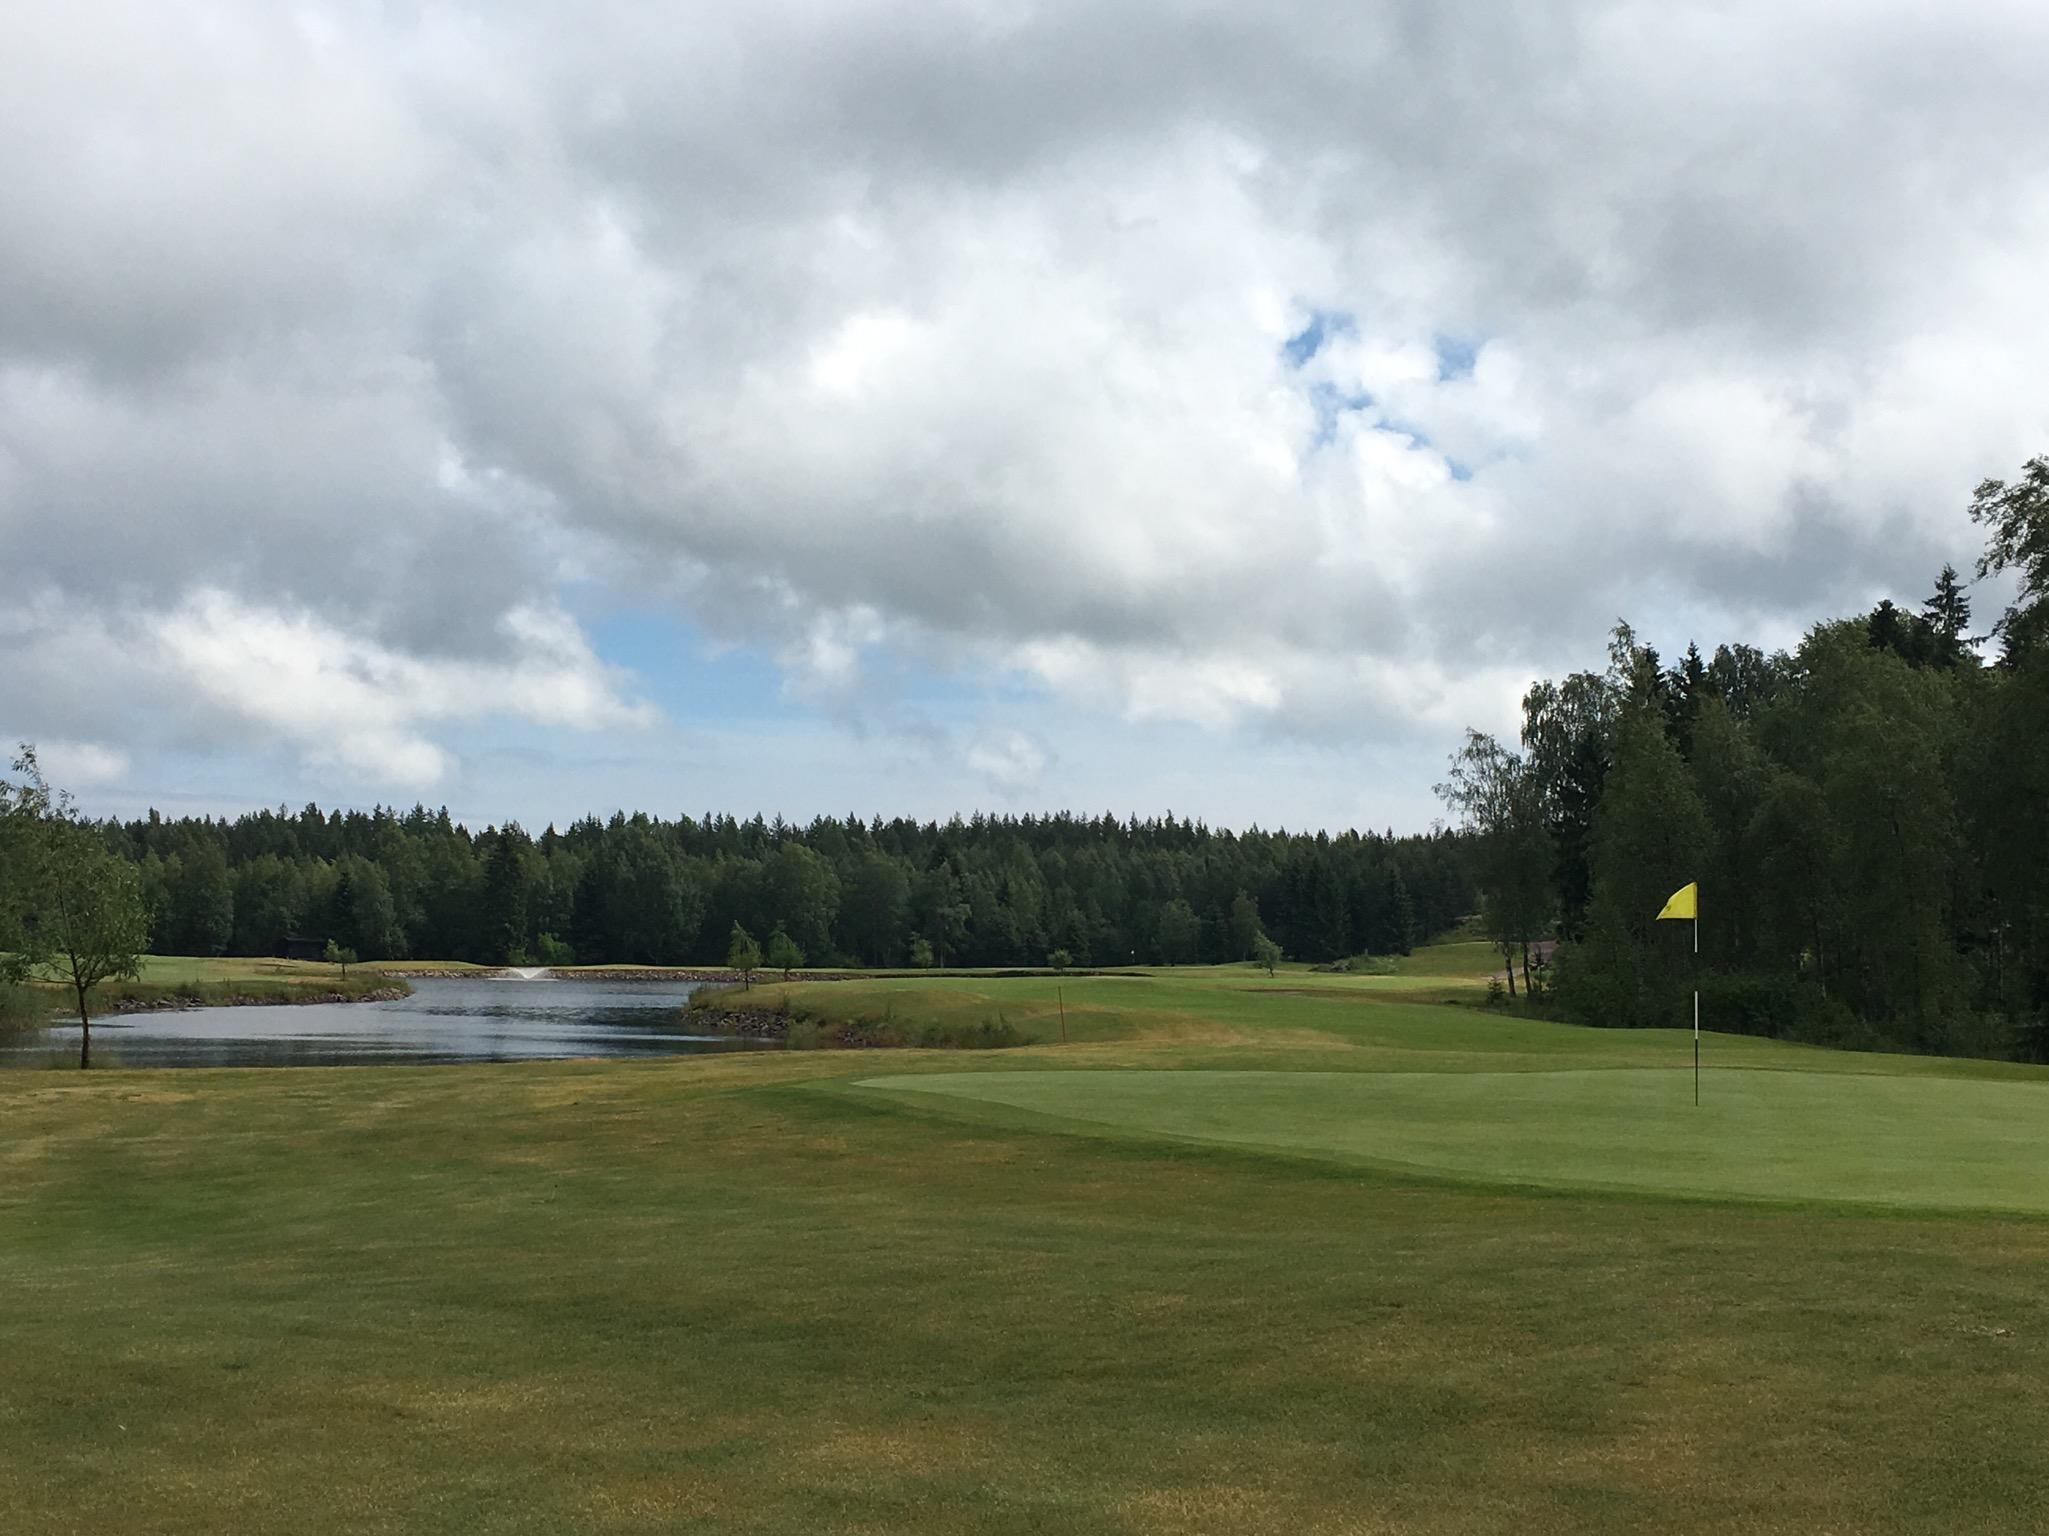 2016 Baltic Sea PerryGolf Cruise - Hirsala Golf Club - PerryGolf.com